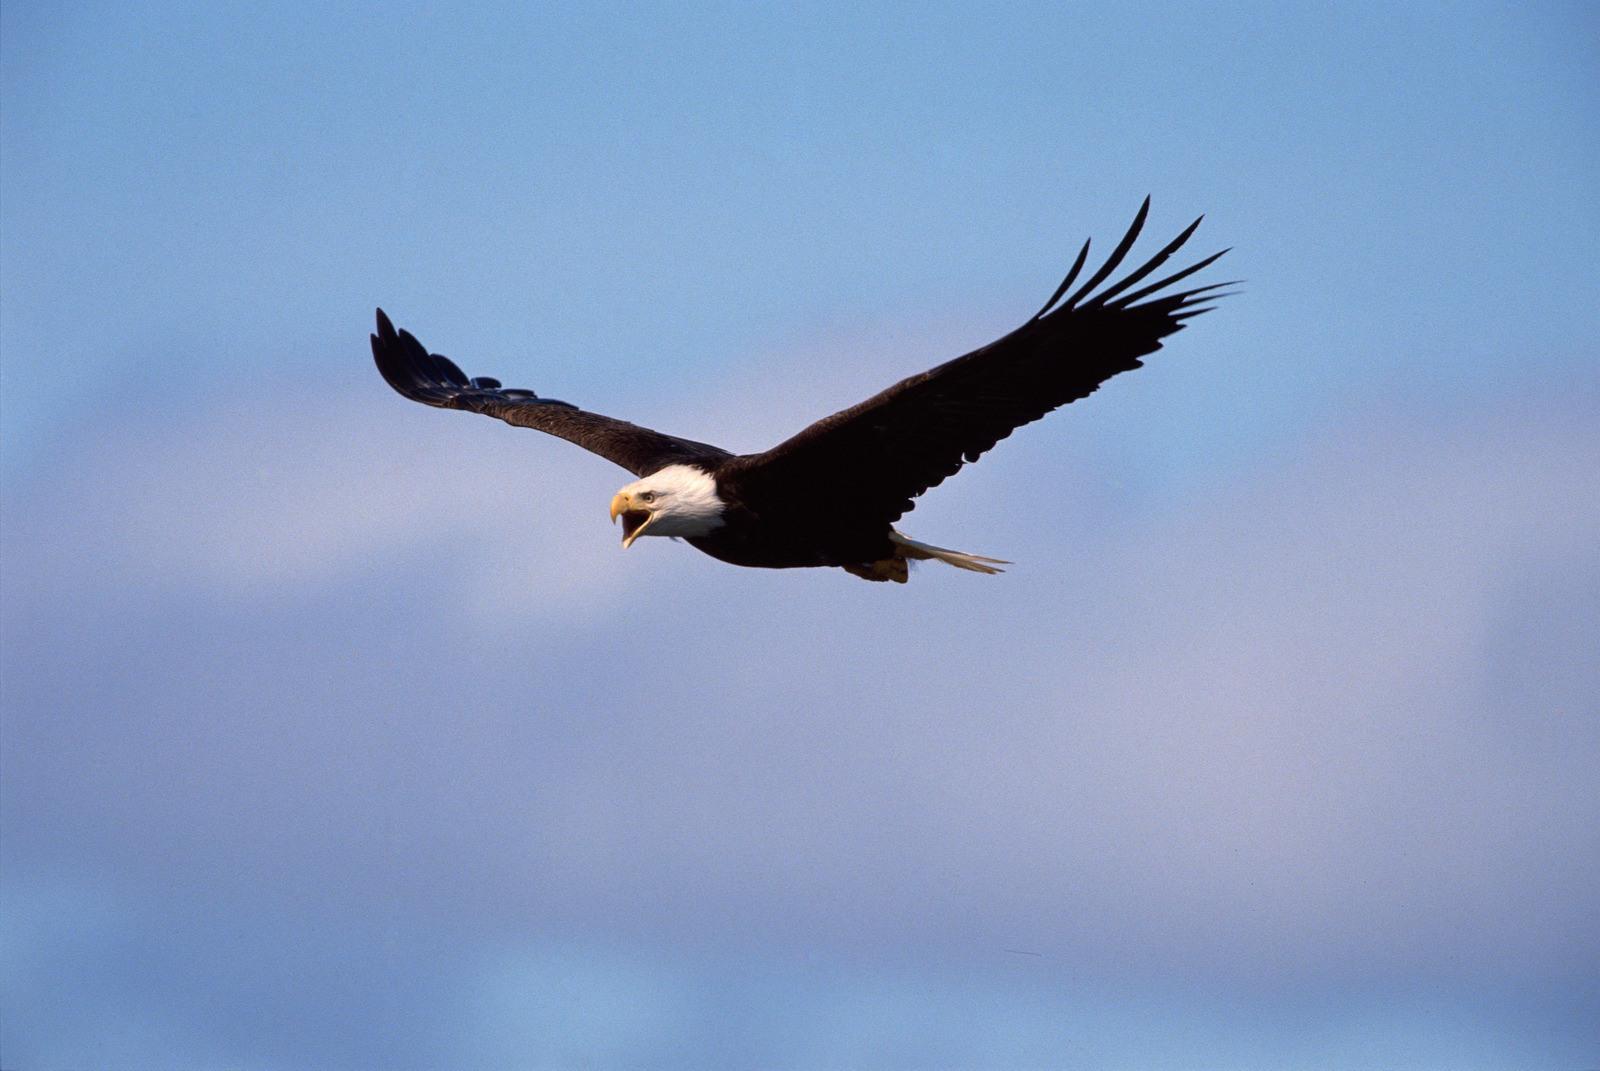 Accountant C, The Eagle